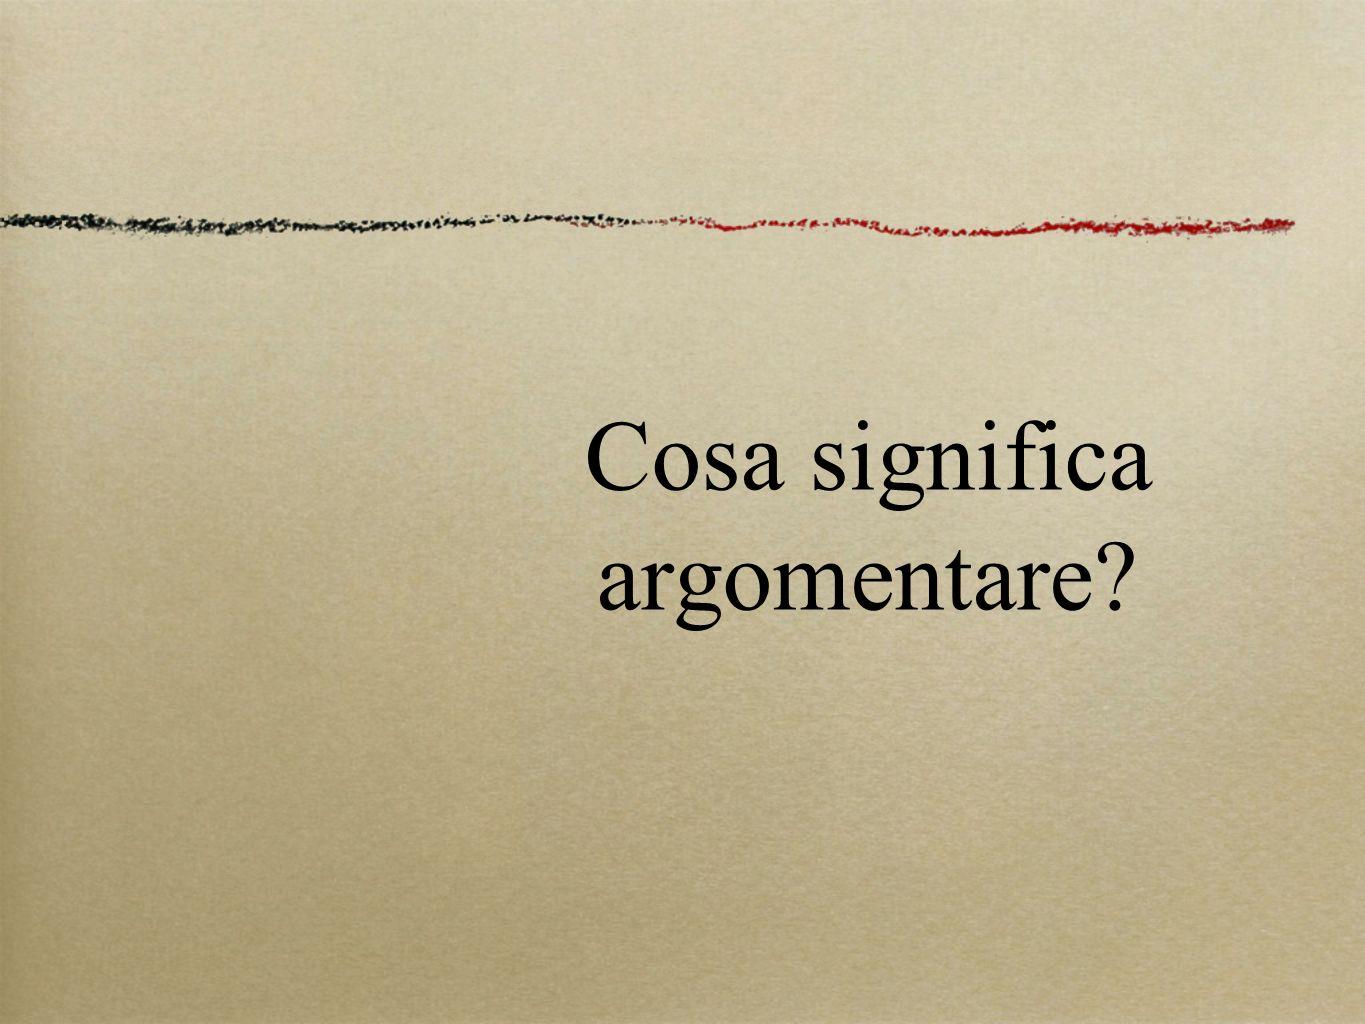 Cosa significa argomentare?